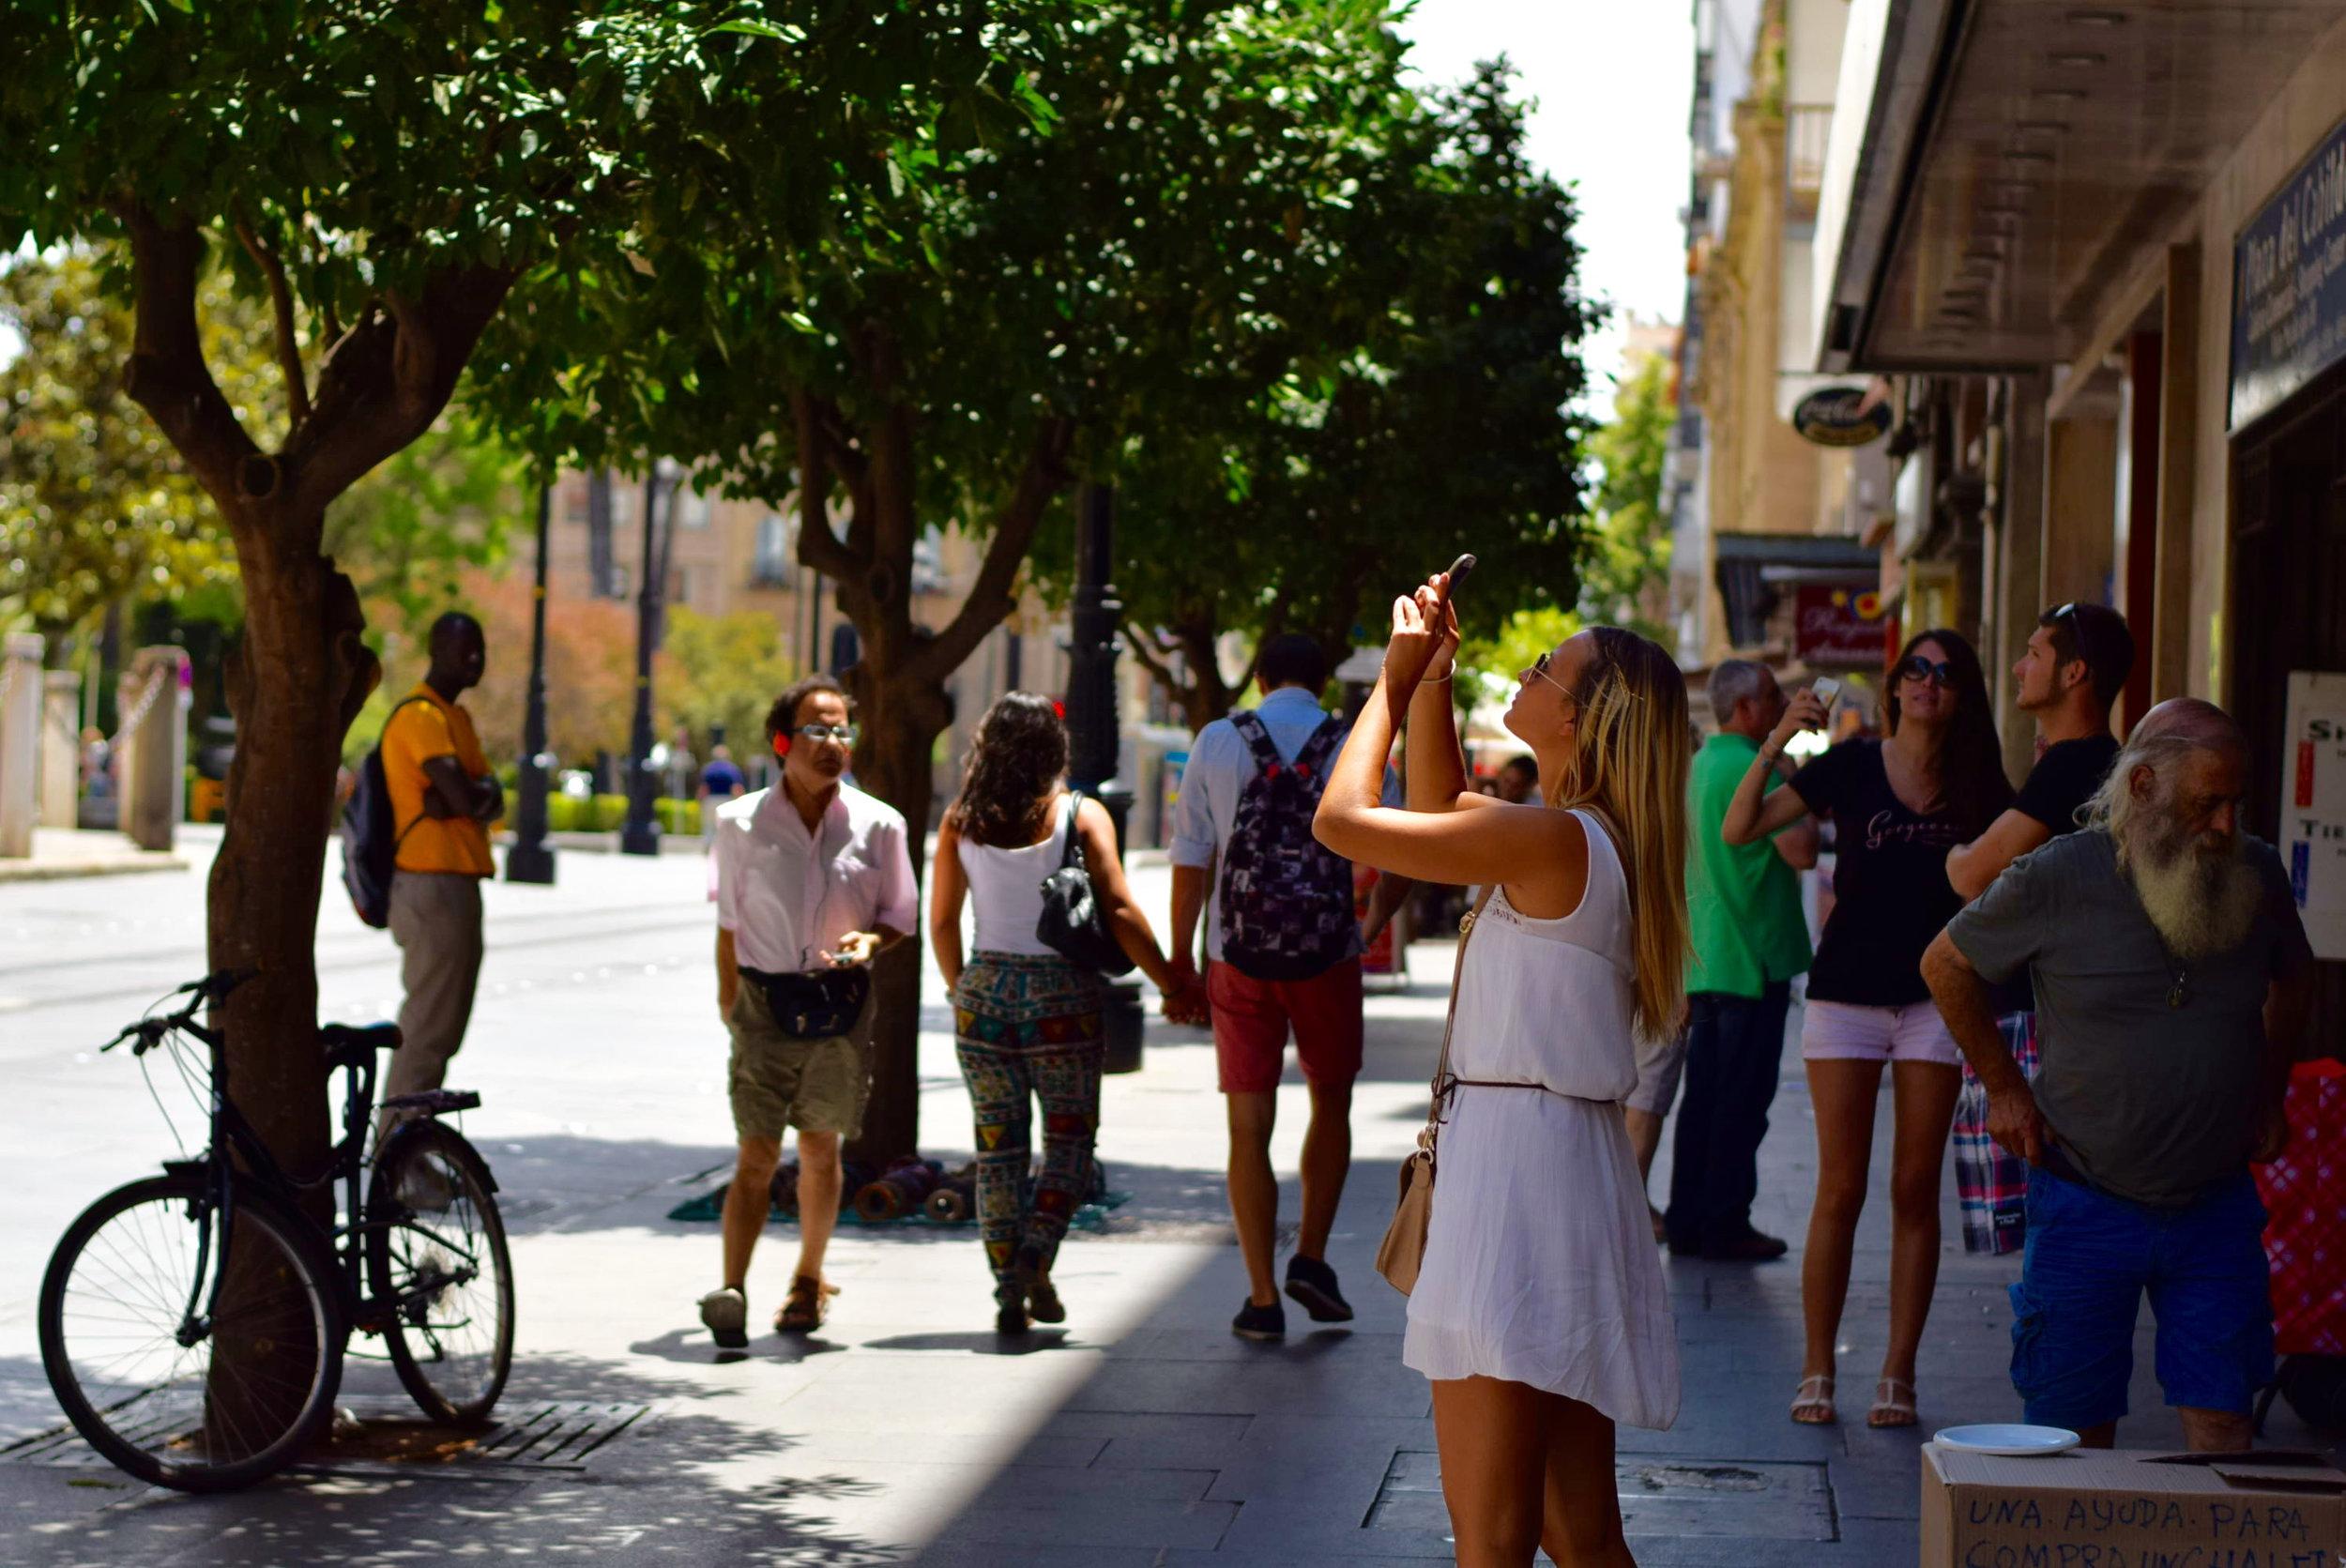 Busy Sidewalk In Downtown